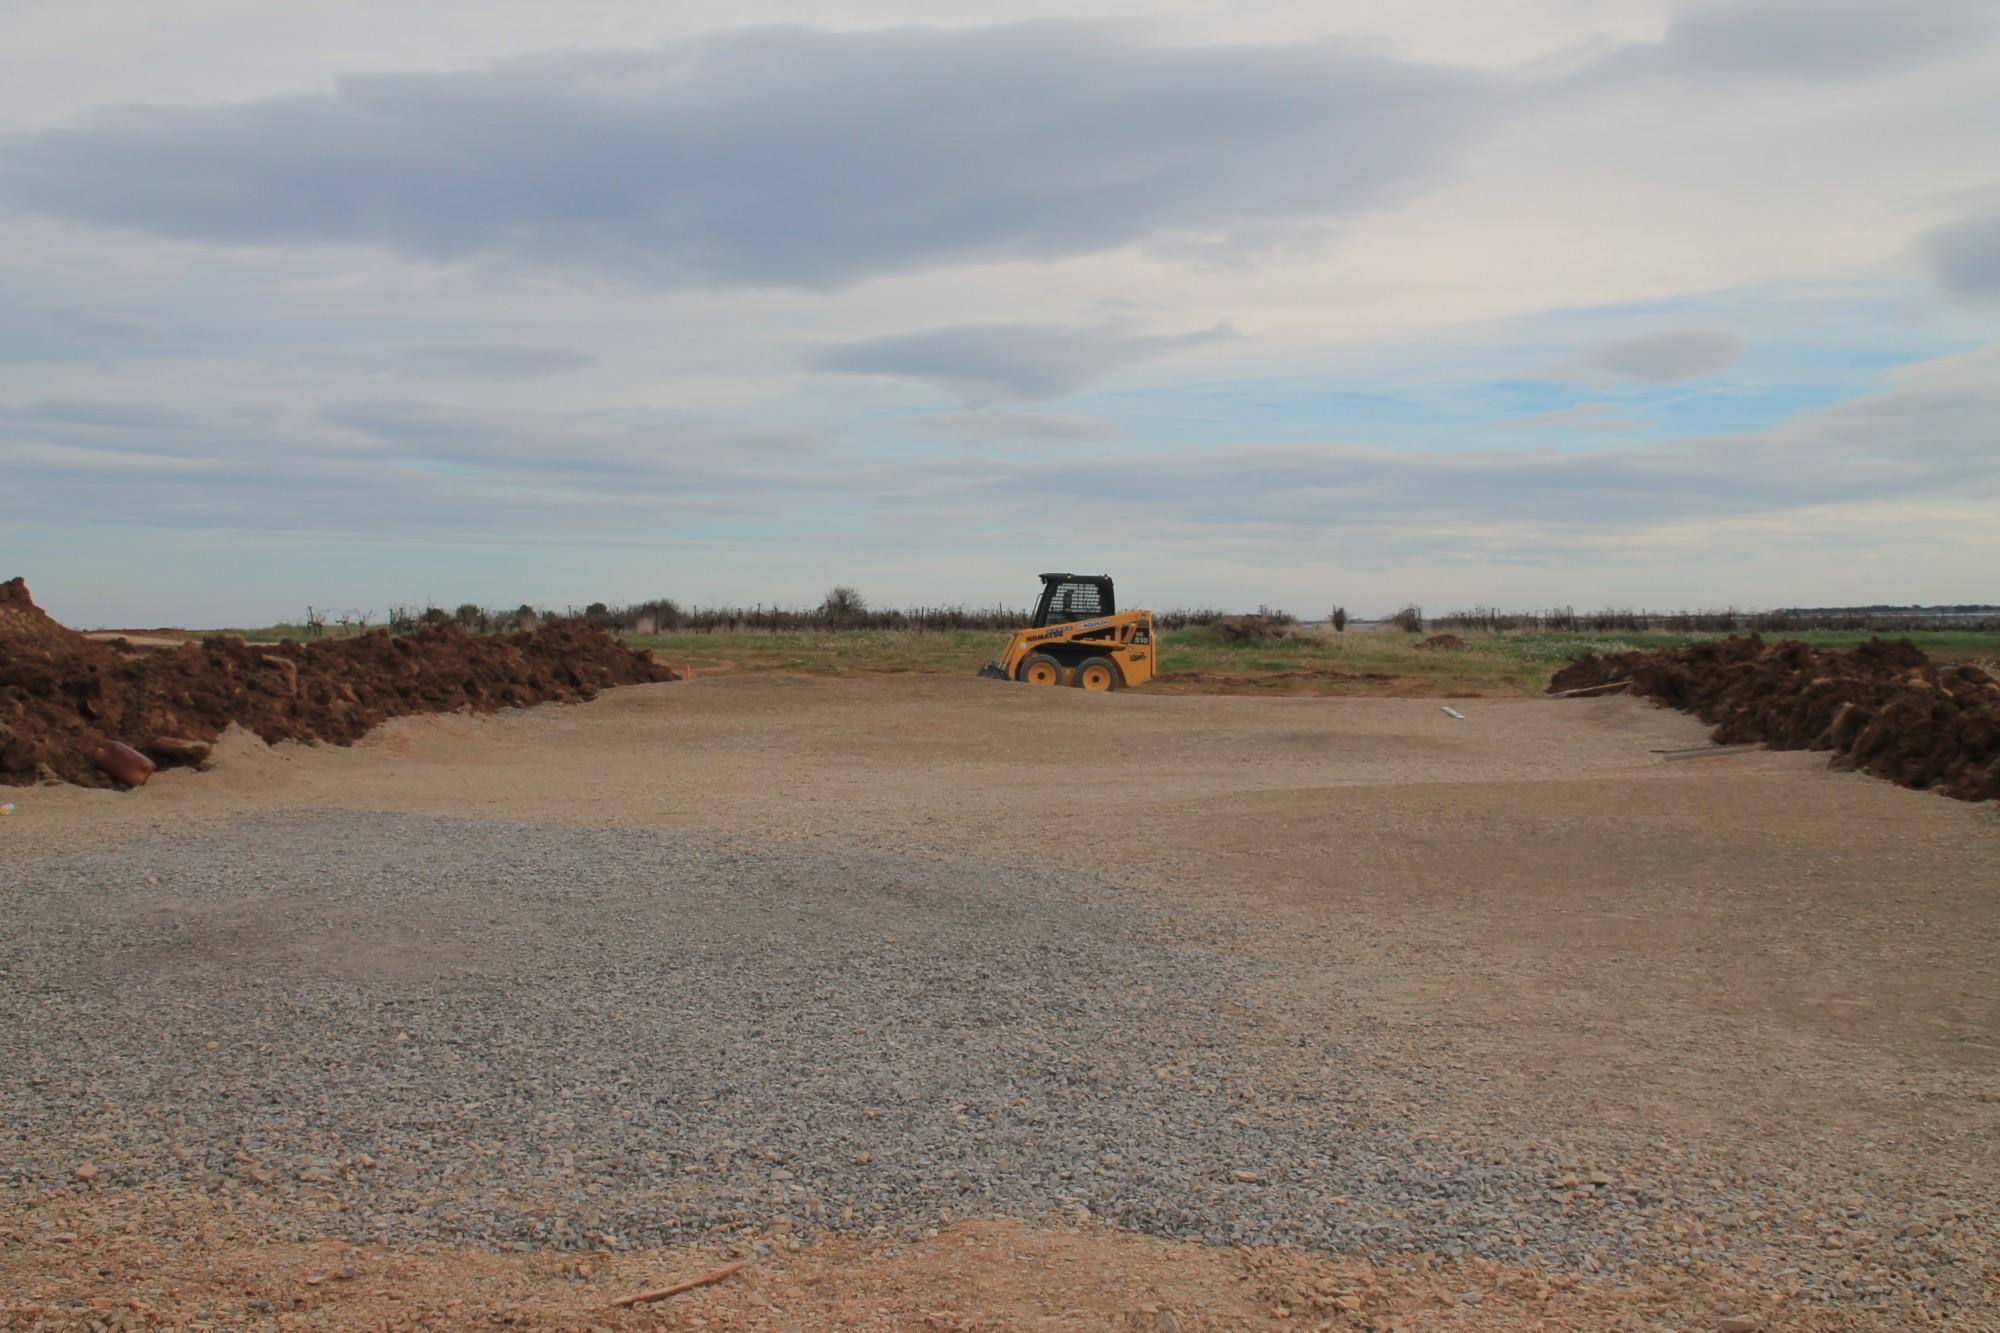 Pr paration du sol et chipping d 39 un gazon synth tique pour le golf gazon - Preparation sol pour gazon synthetique ...